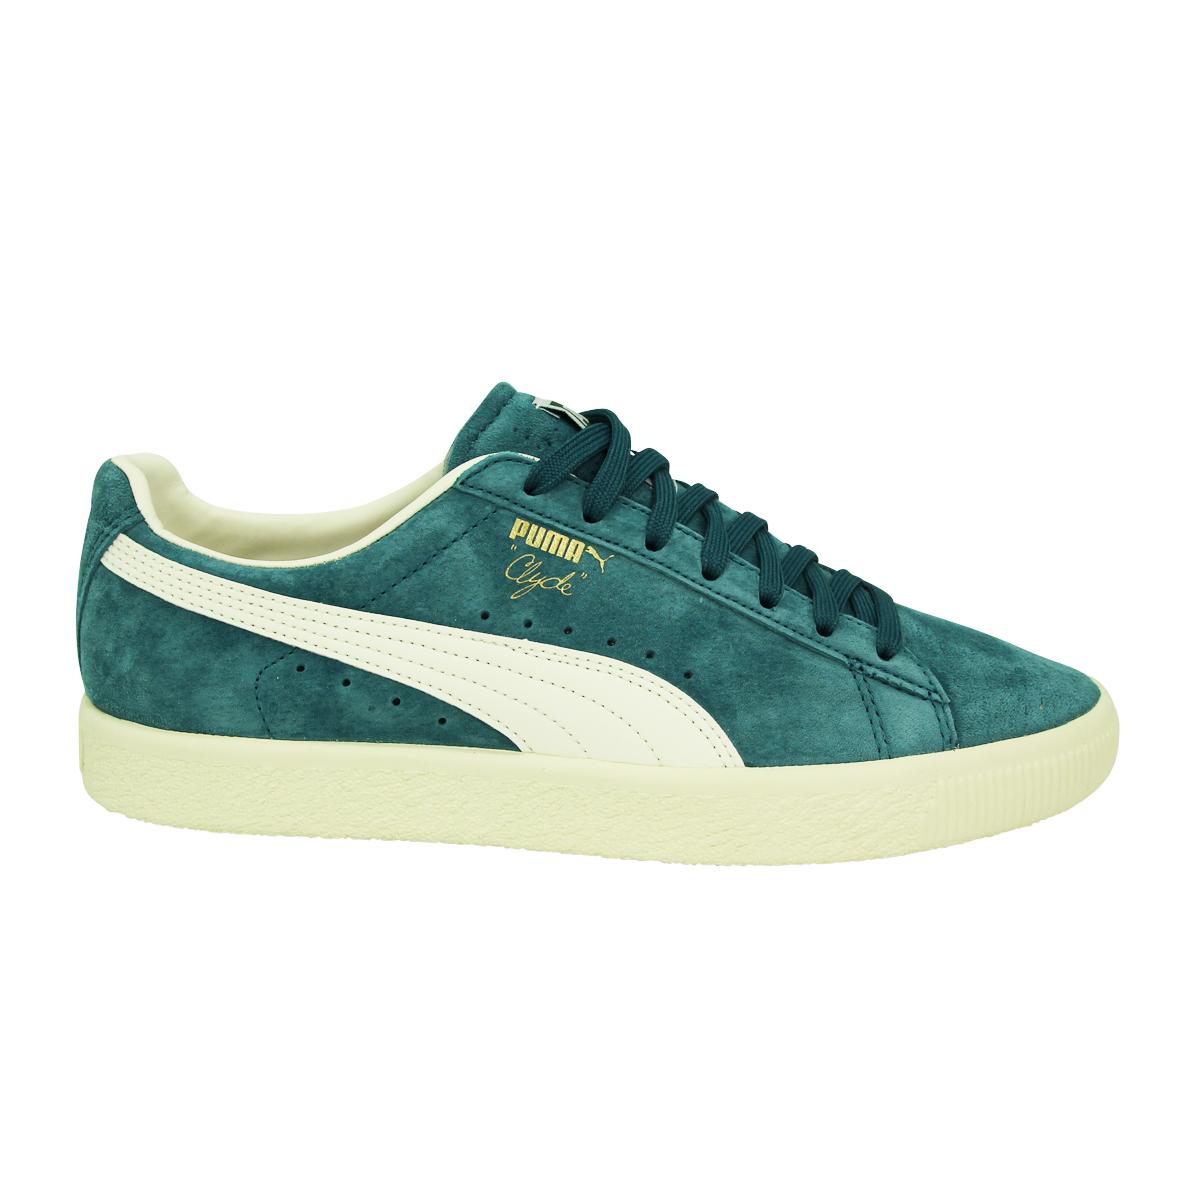 Puma Clyde Suede premium cuero señores zapatillas zapatos nuevo